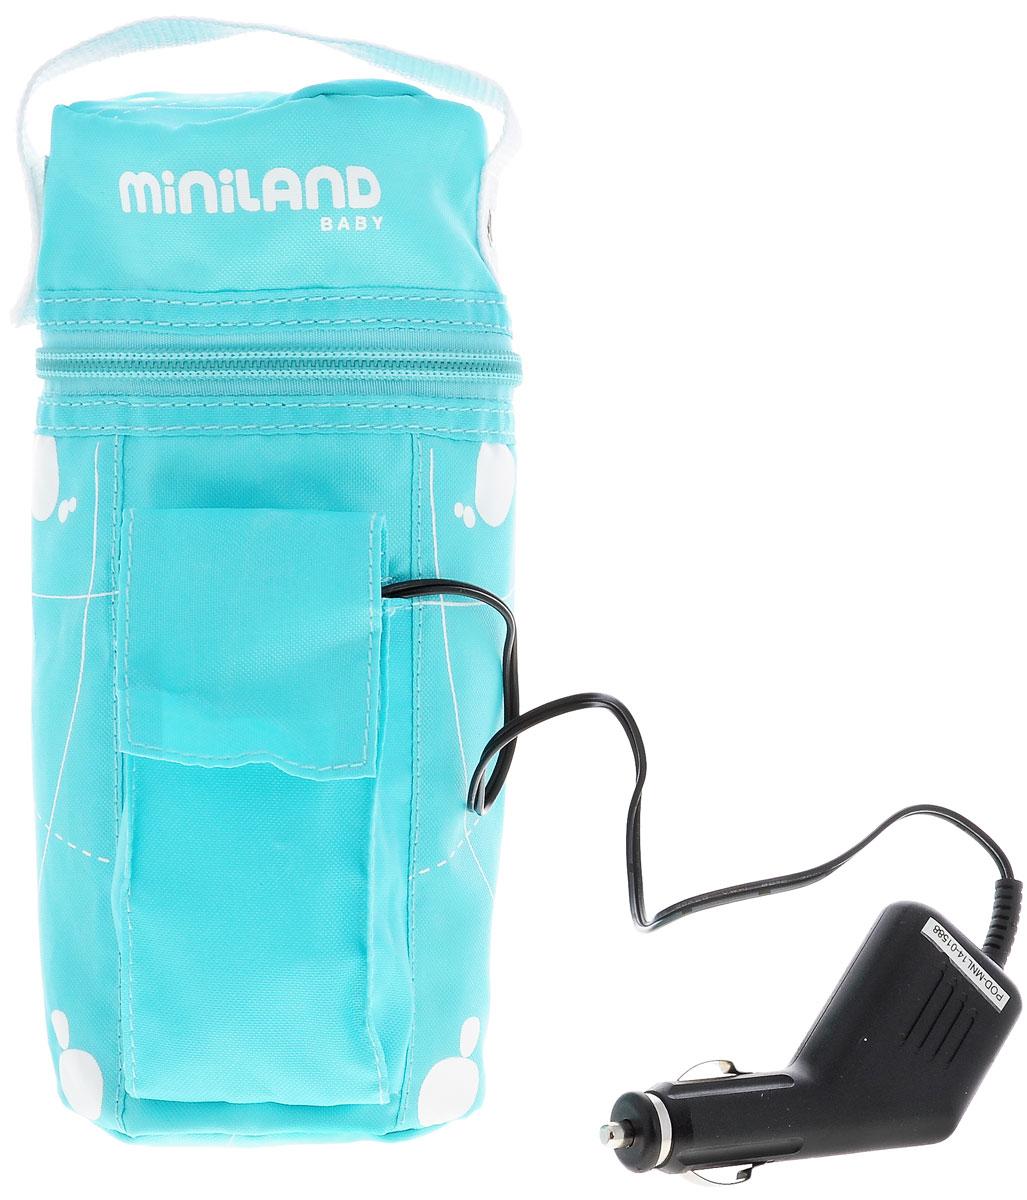 Miniland Нагреватель бутылочек дорожный Warmy Travel цвет бирюзовый